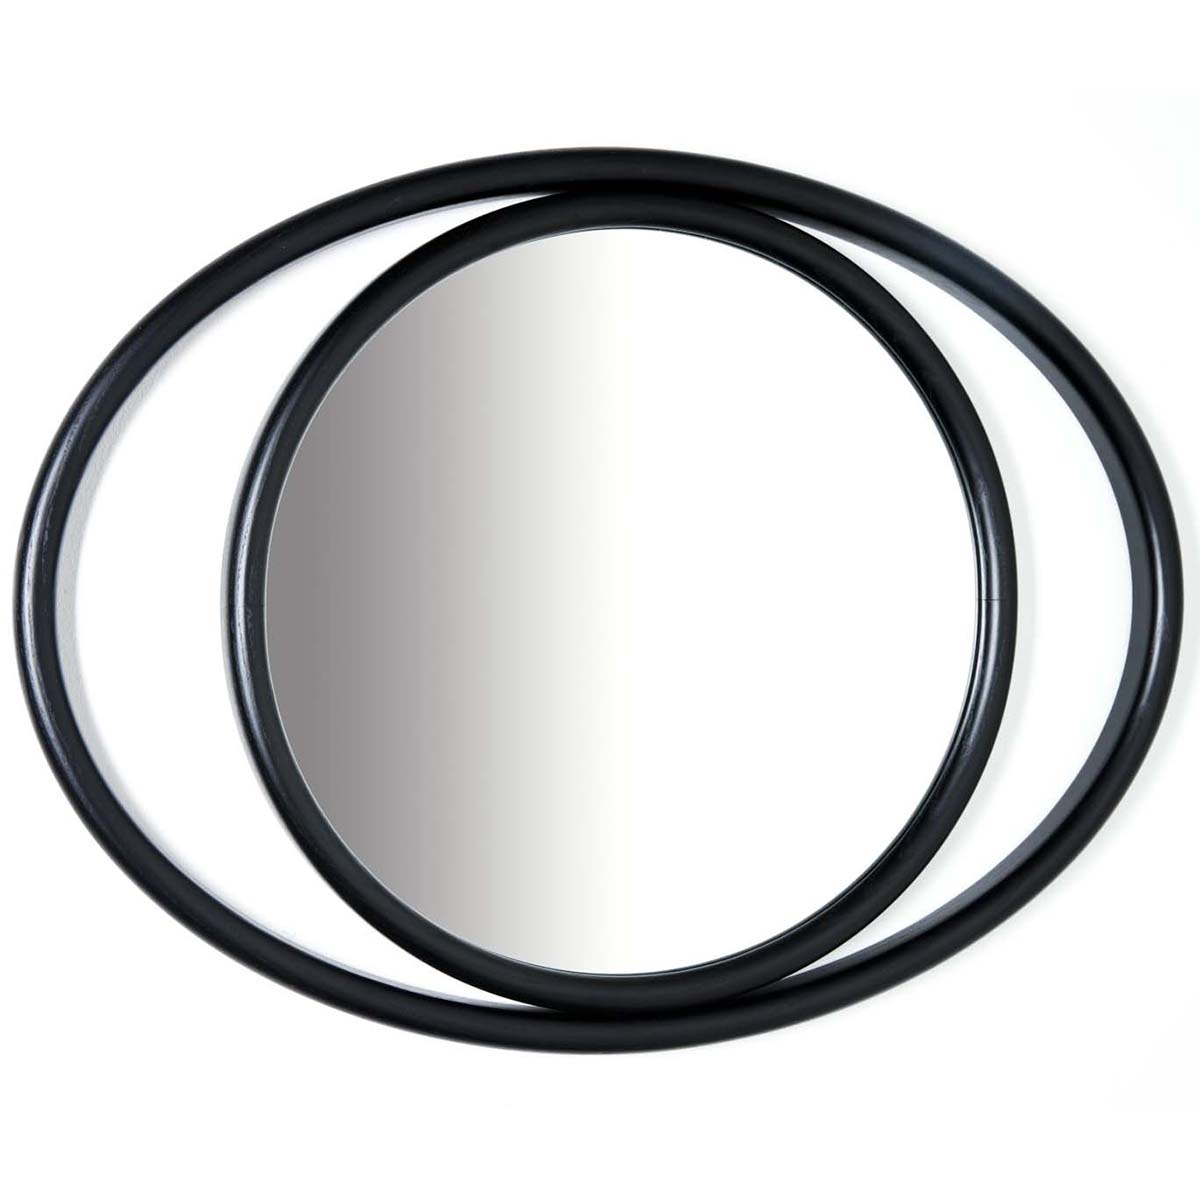 Gebrüder Thonet Vienna Зеркало «Eyeshine Mirrors»